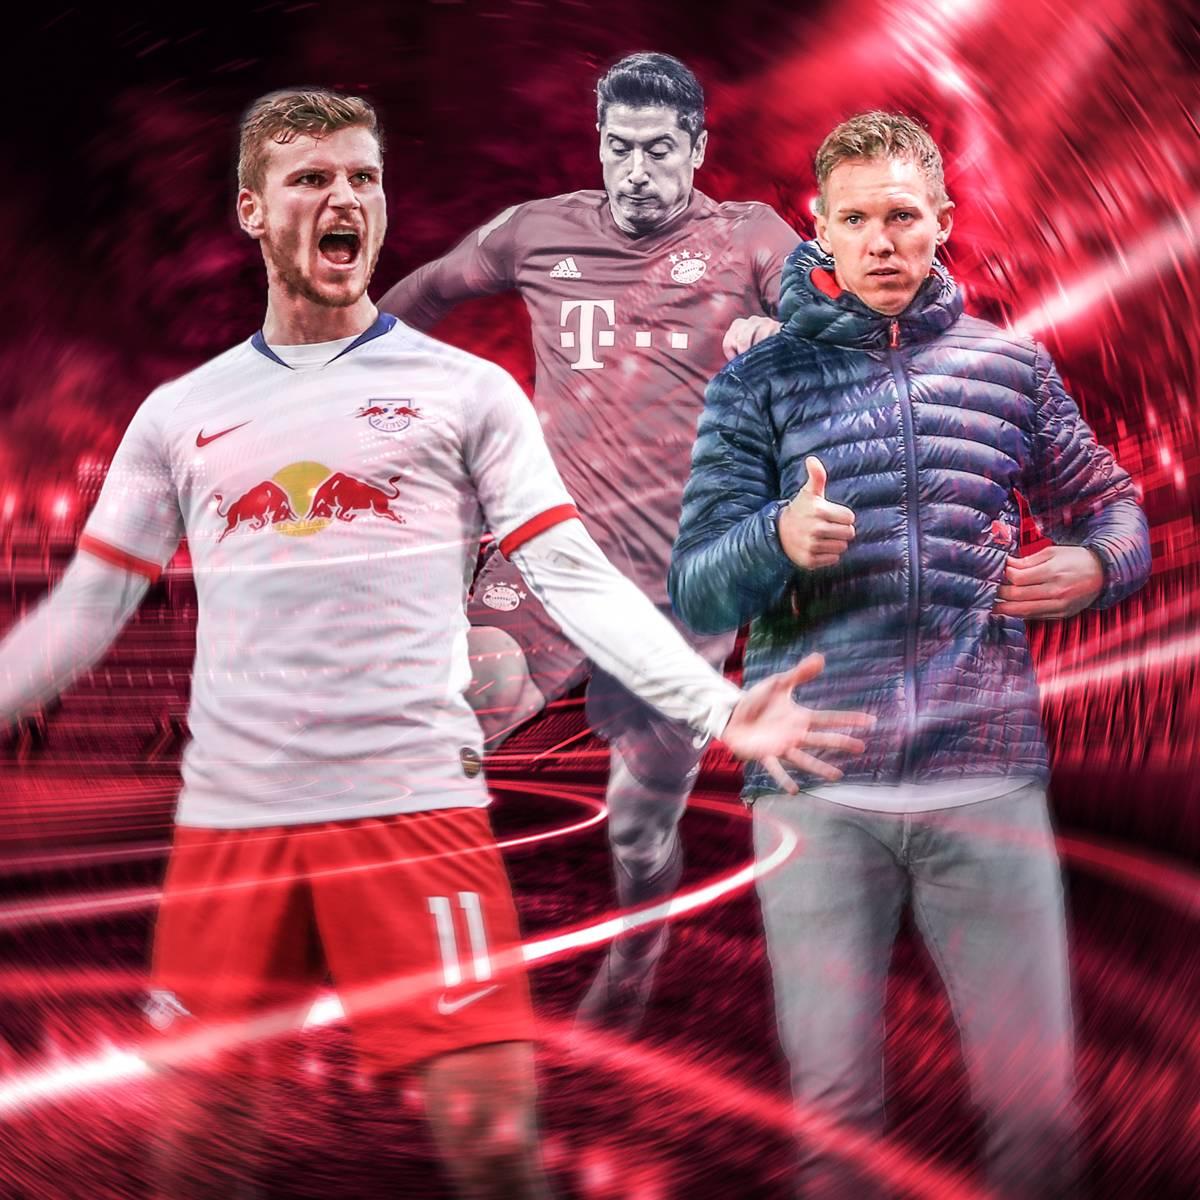 Werner übertrumpft Lewandowski